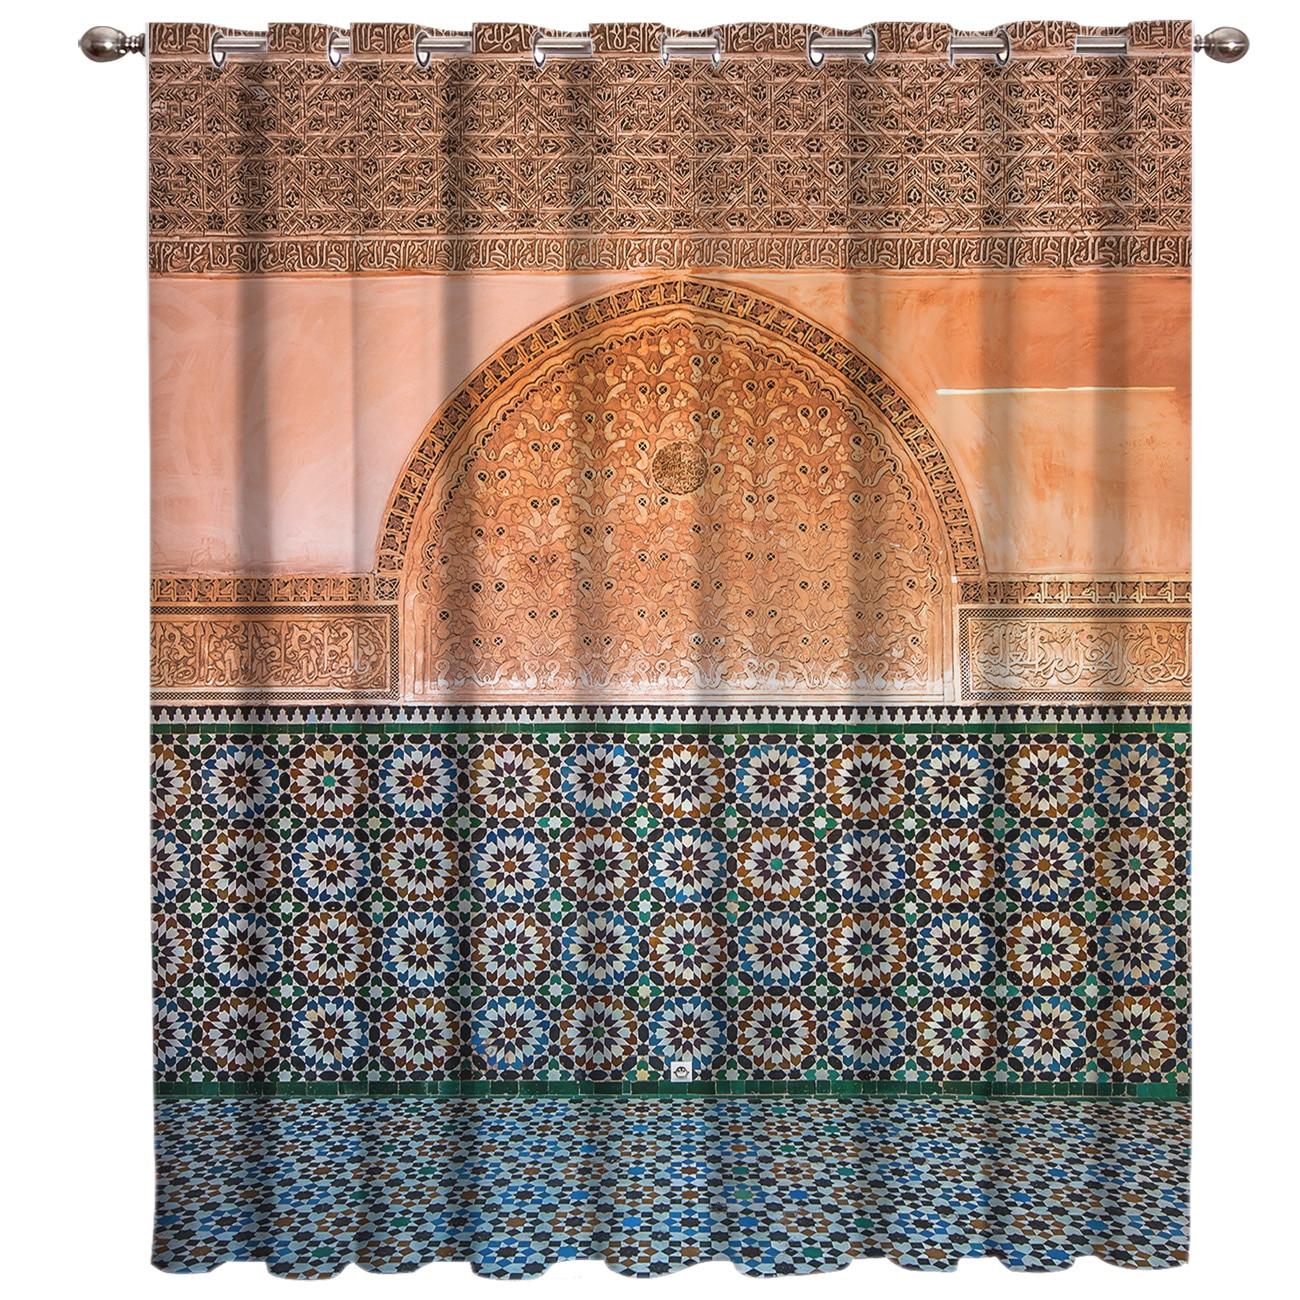 Vintage marroquí geométrica controles cortinas de tratamiento de ventanas cenefa ventana persianas cortinas de baño cocina dormitorio 3x2,9 m cuerda cortina Flash línea brillante borla cuerdas puerta ventana Decorective divisor cortina purpurina cenefa decoración del hogar